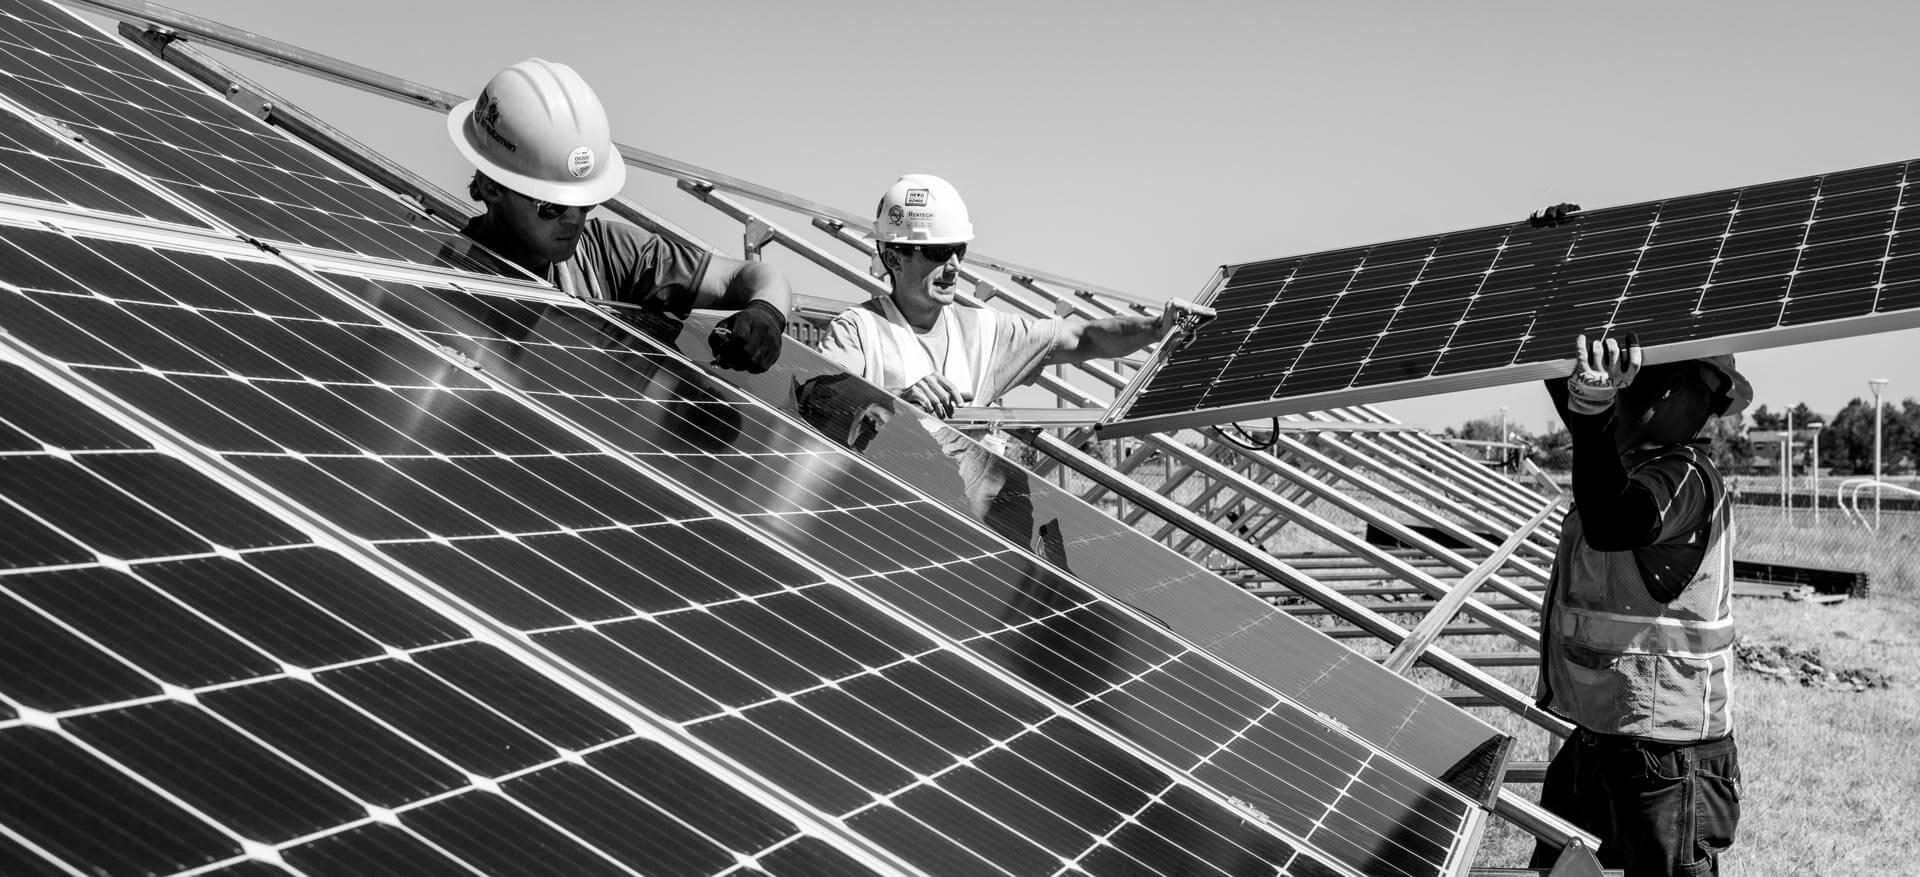 Men installing solar panels.